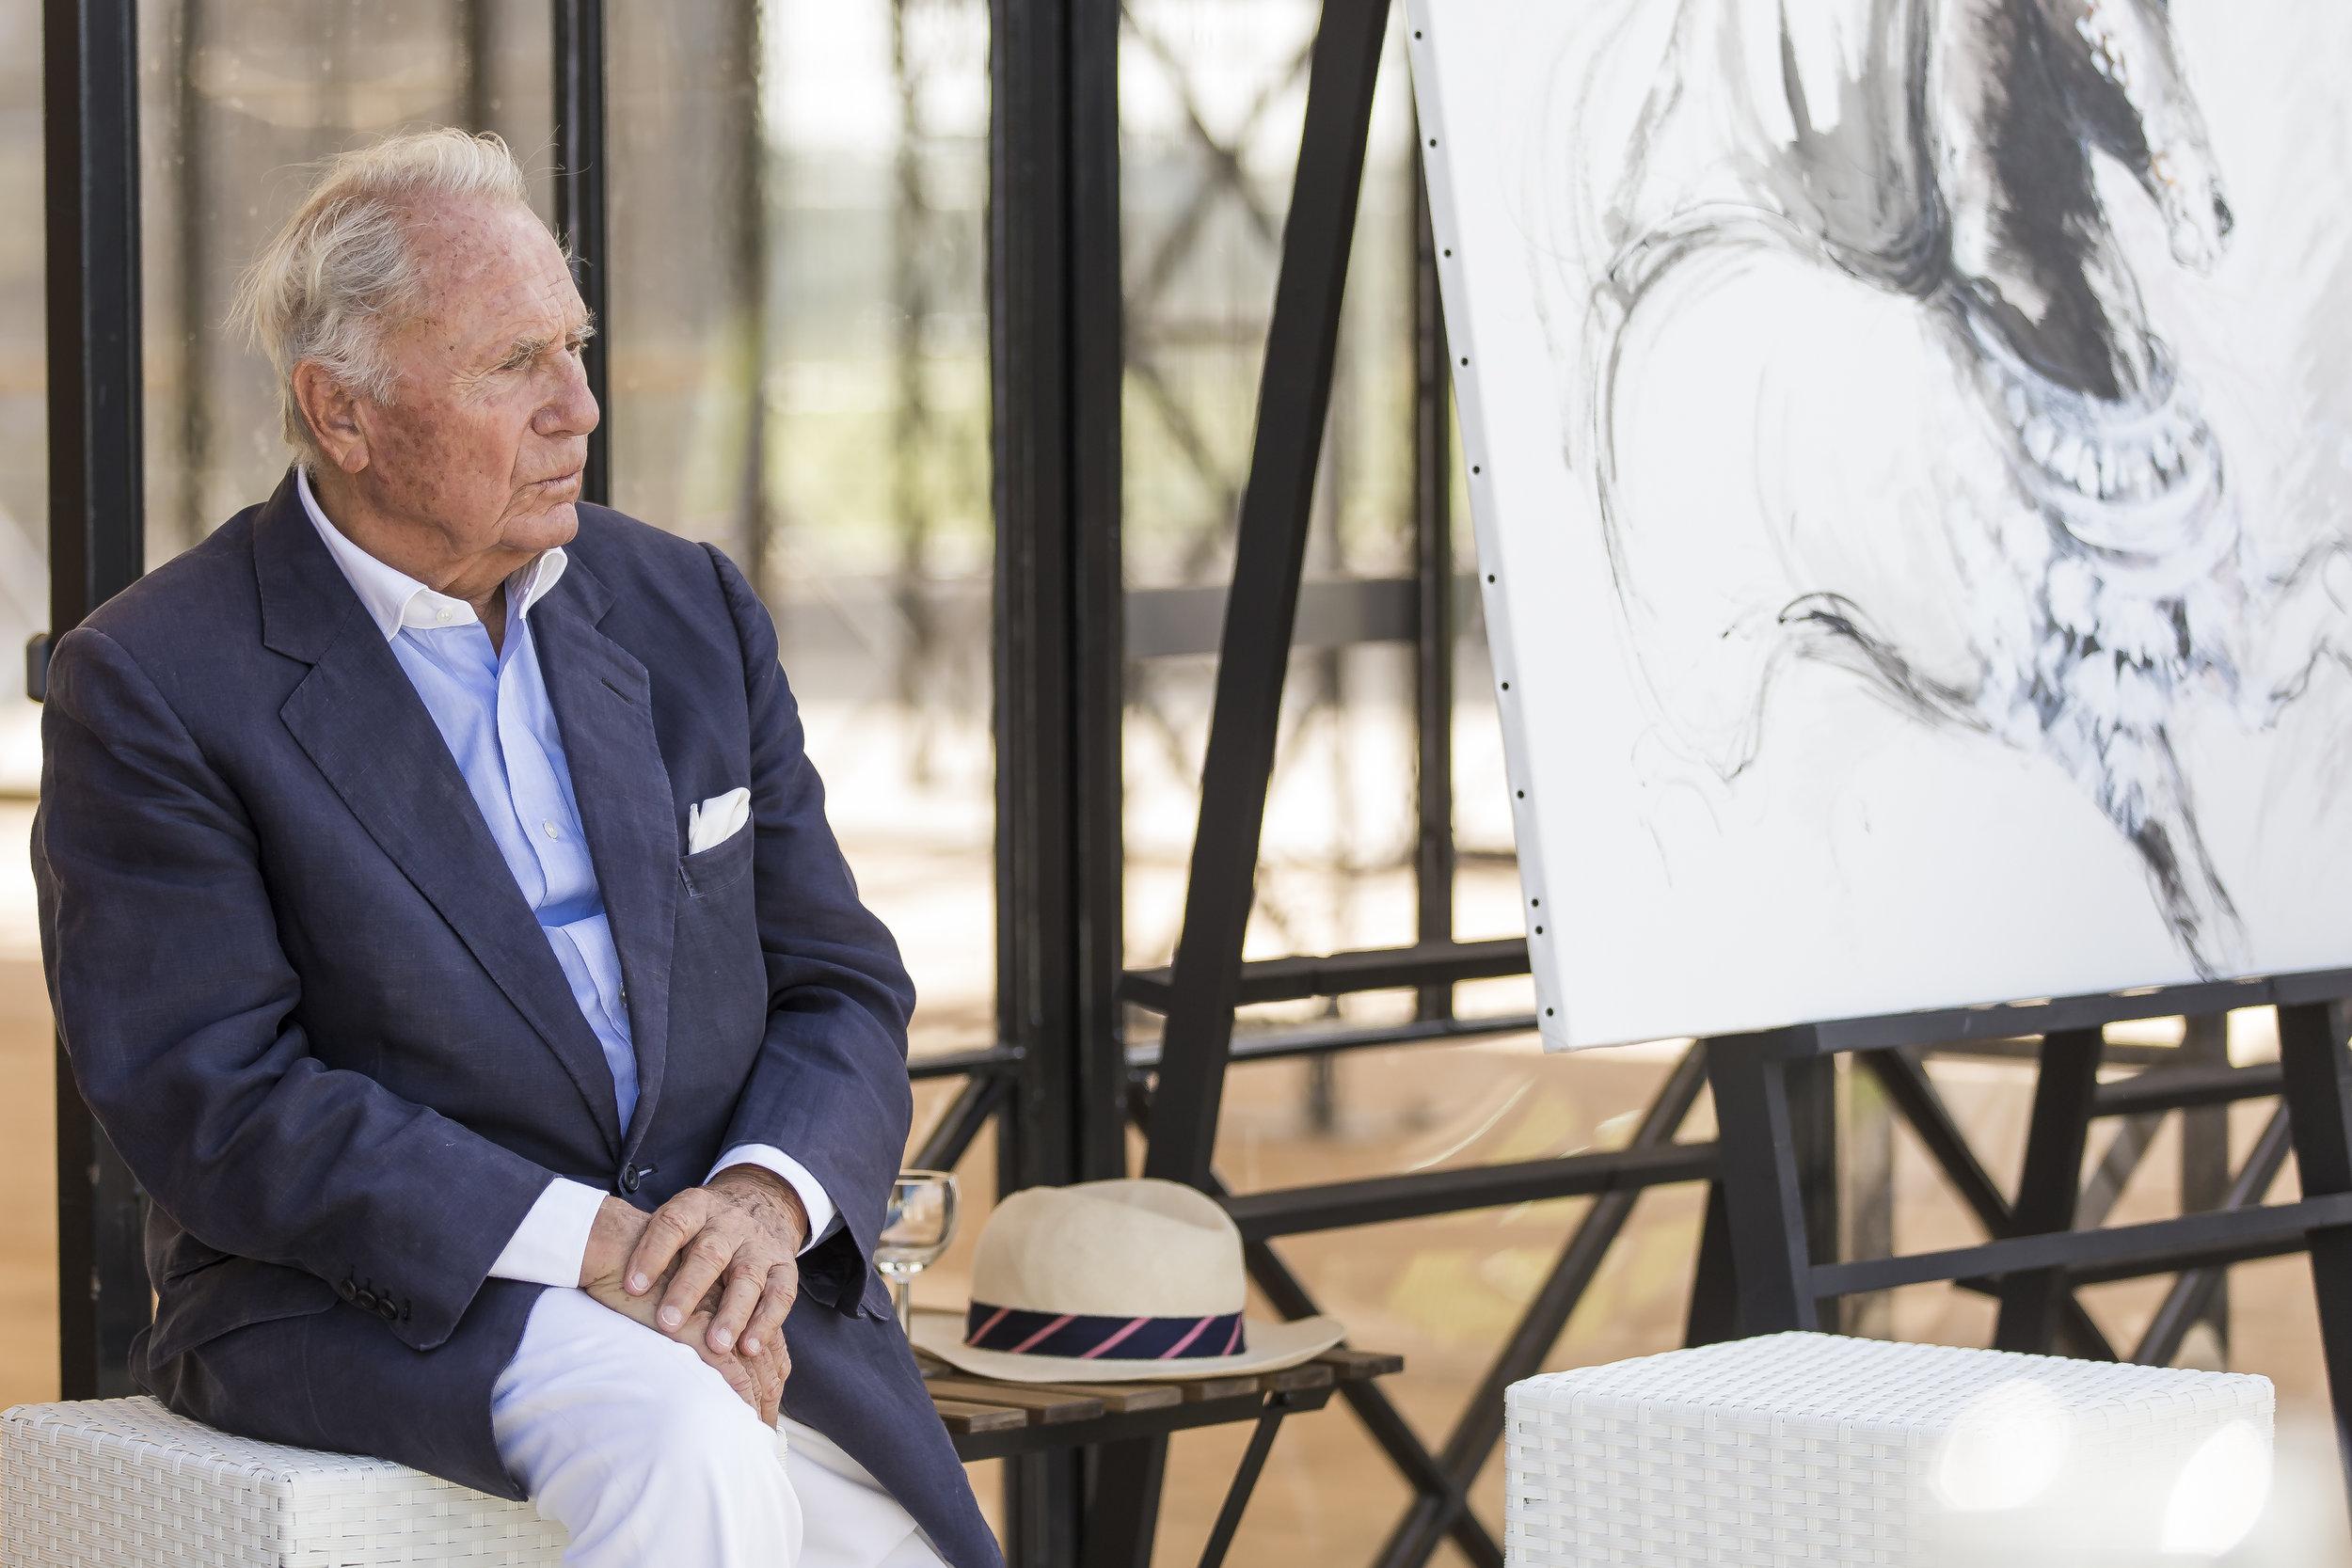 Patrick Guerrand-Hermès, Fondateur du Polo Club du Domaine de Chantilly  Patrick Guerrand-Hermès, Founder of Chantilly Polo Club